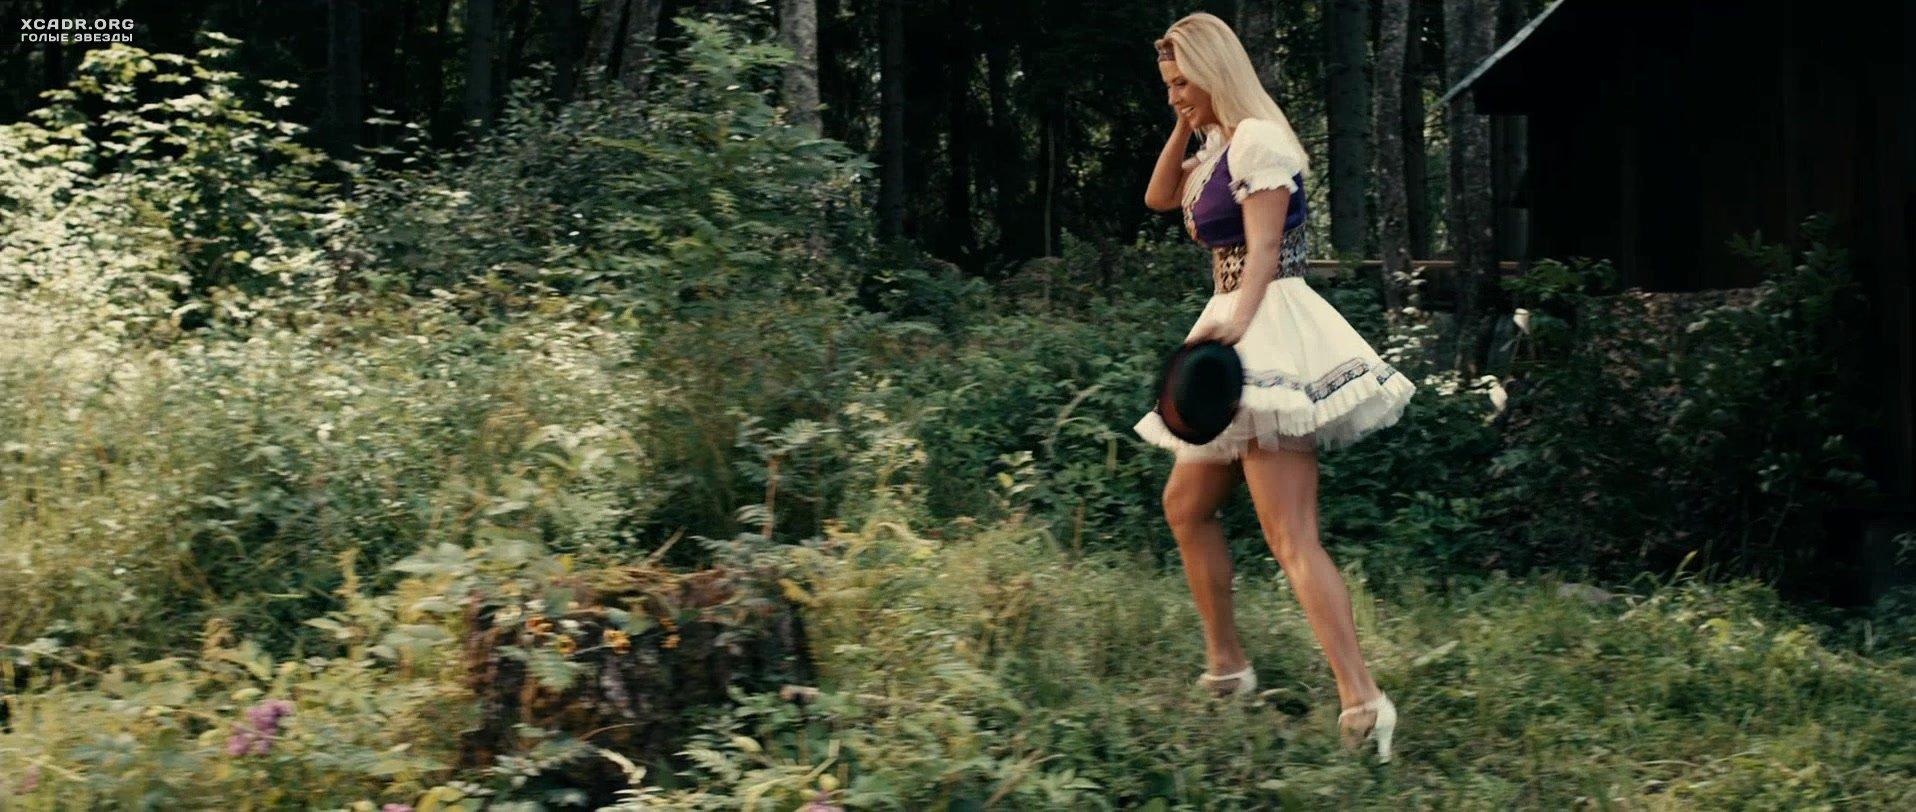 порно фильм укрощение строптивой с анной семенович - 11